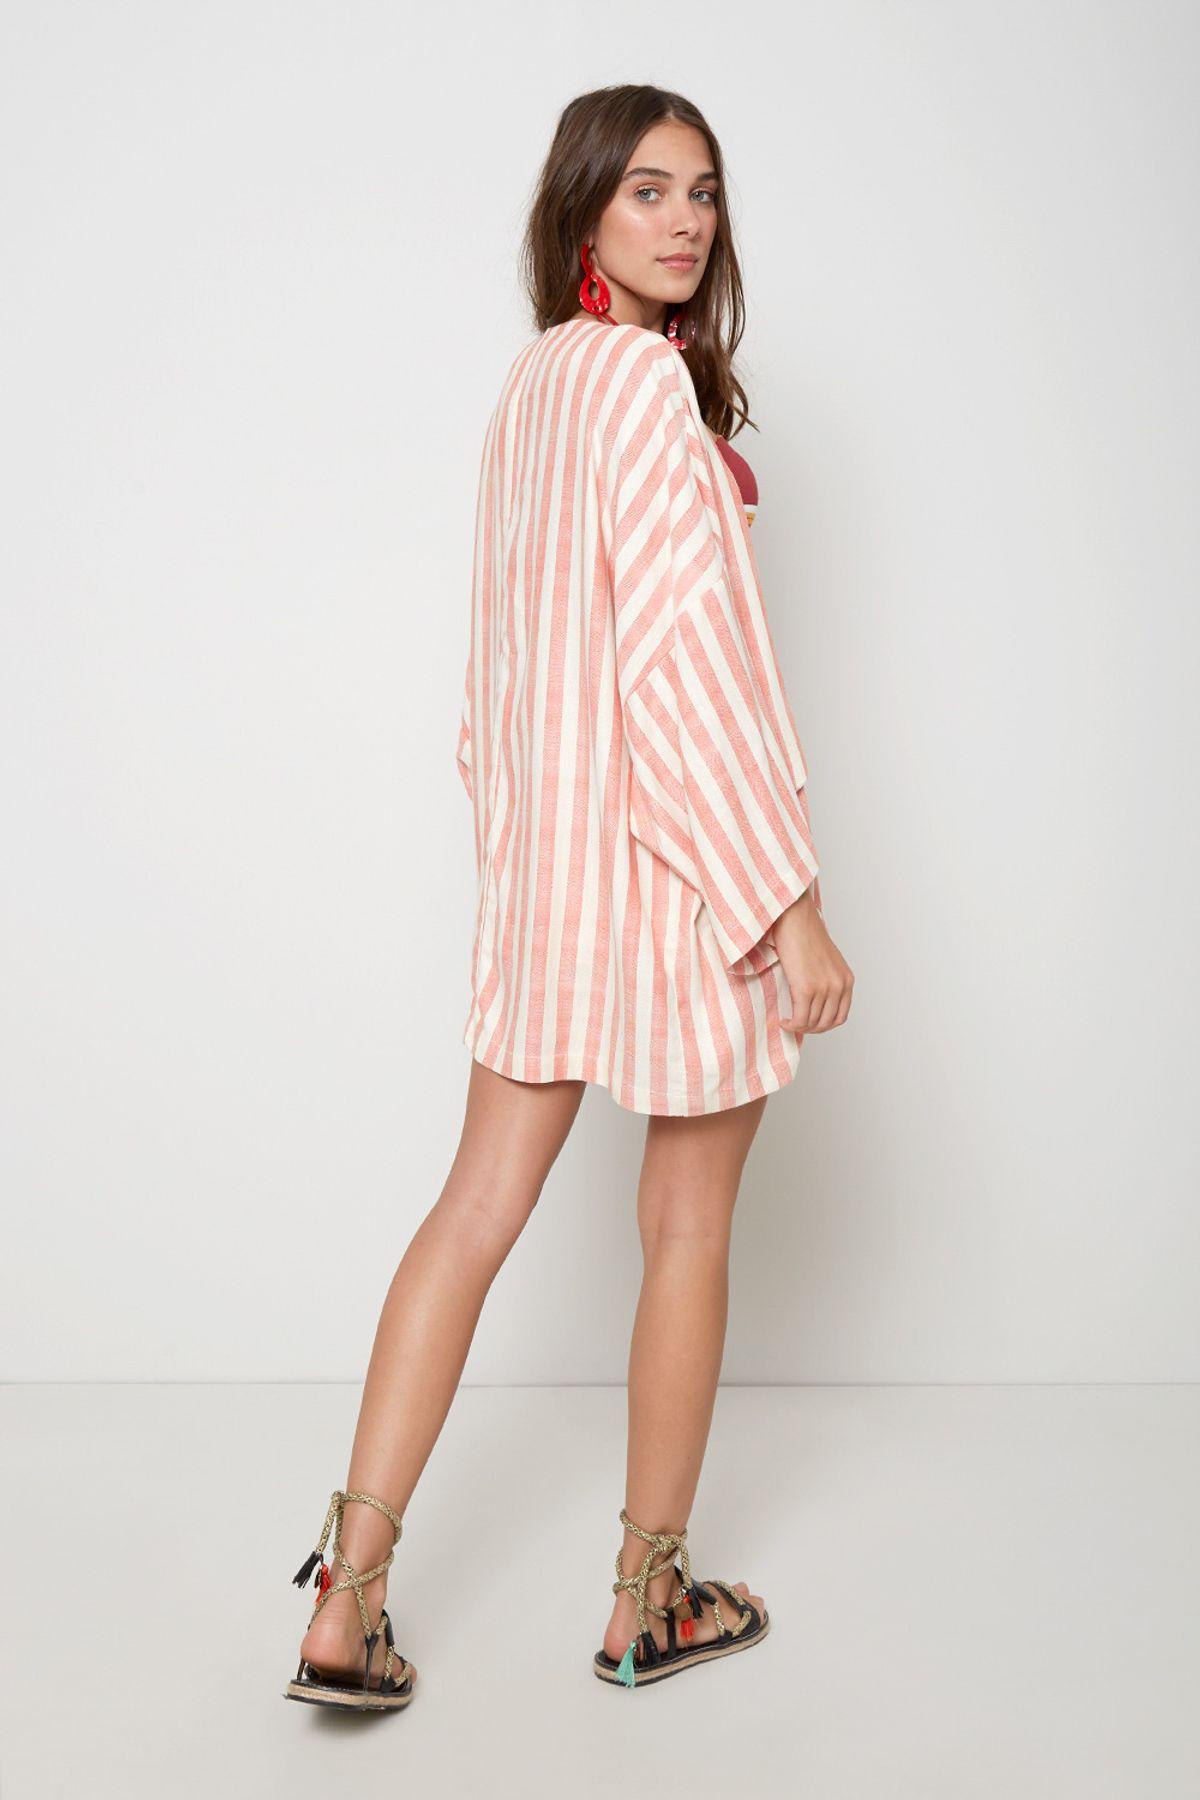 Kimono-Japa-Est-Listra-Pop